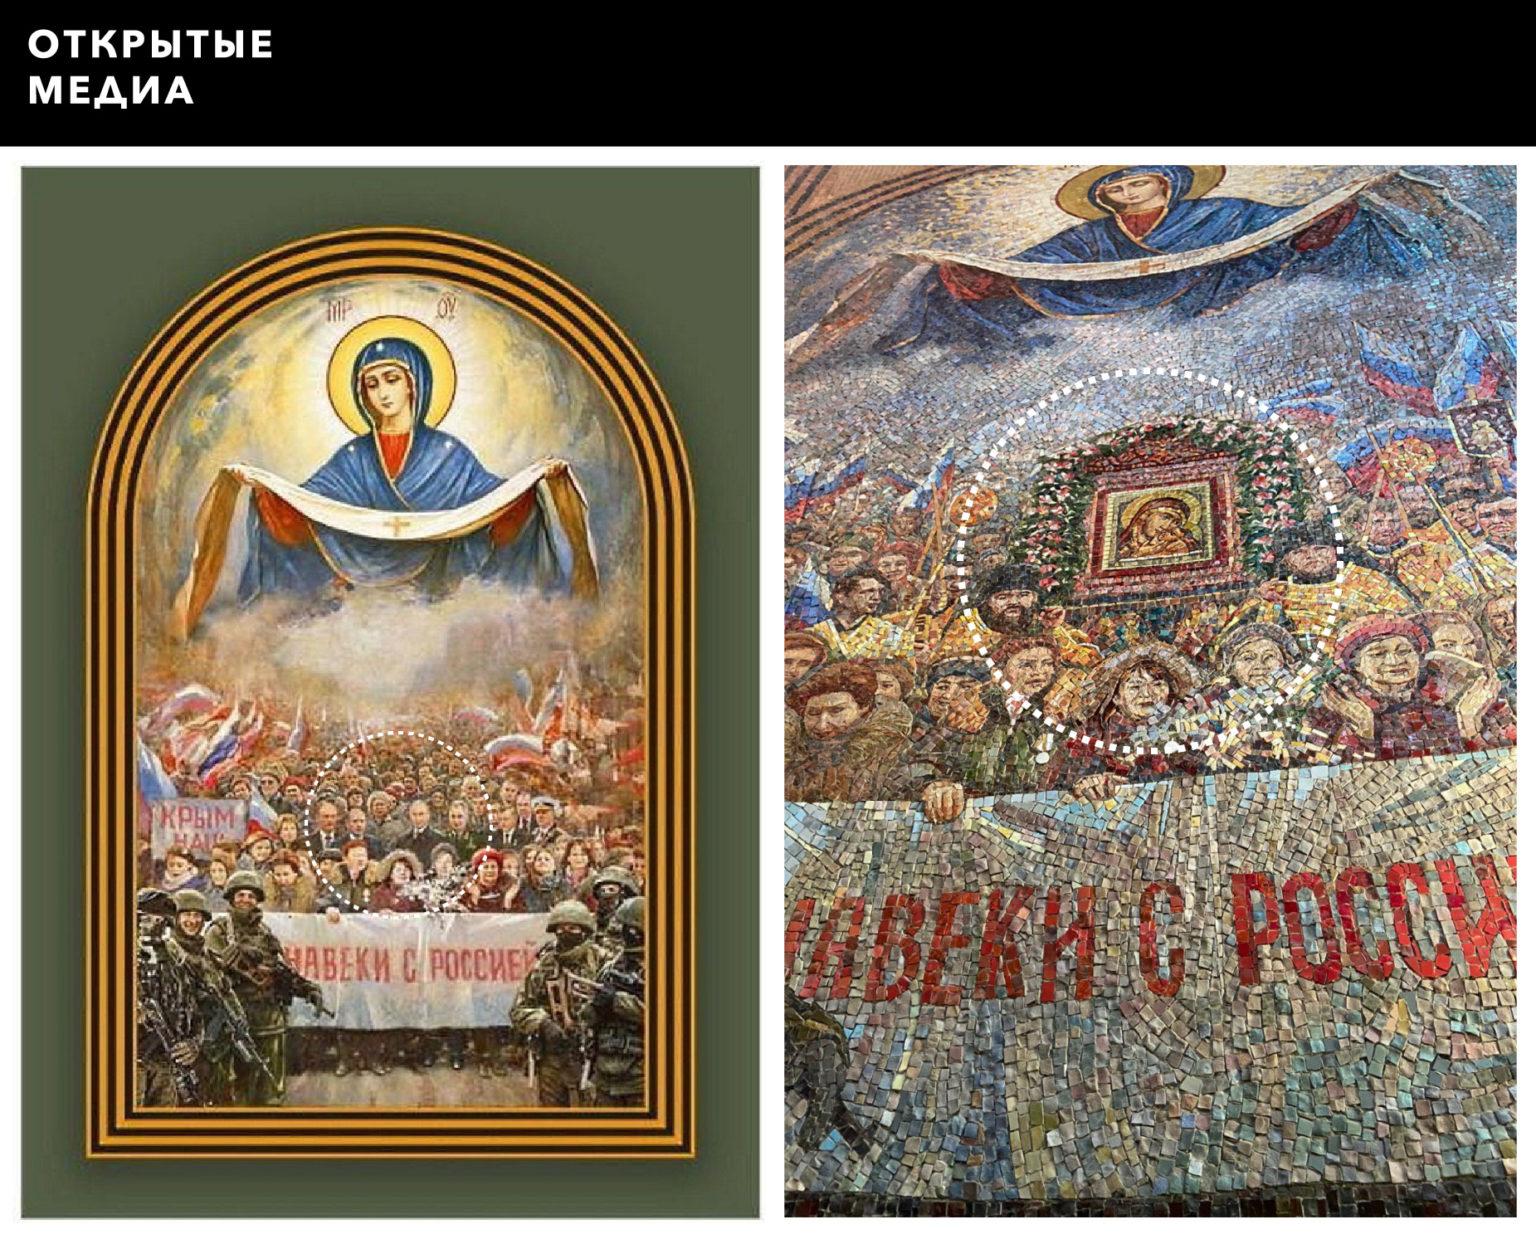 Sans Poutine et Staline, mais avec un autel conçu par Shoigu: à quoi ressemble le temple achevé des Forces armées à Kubinka